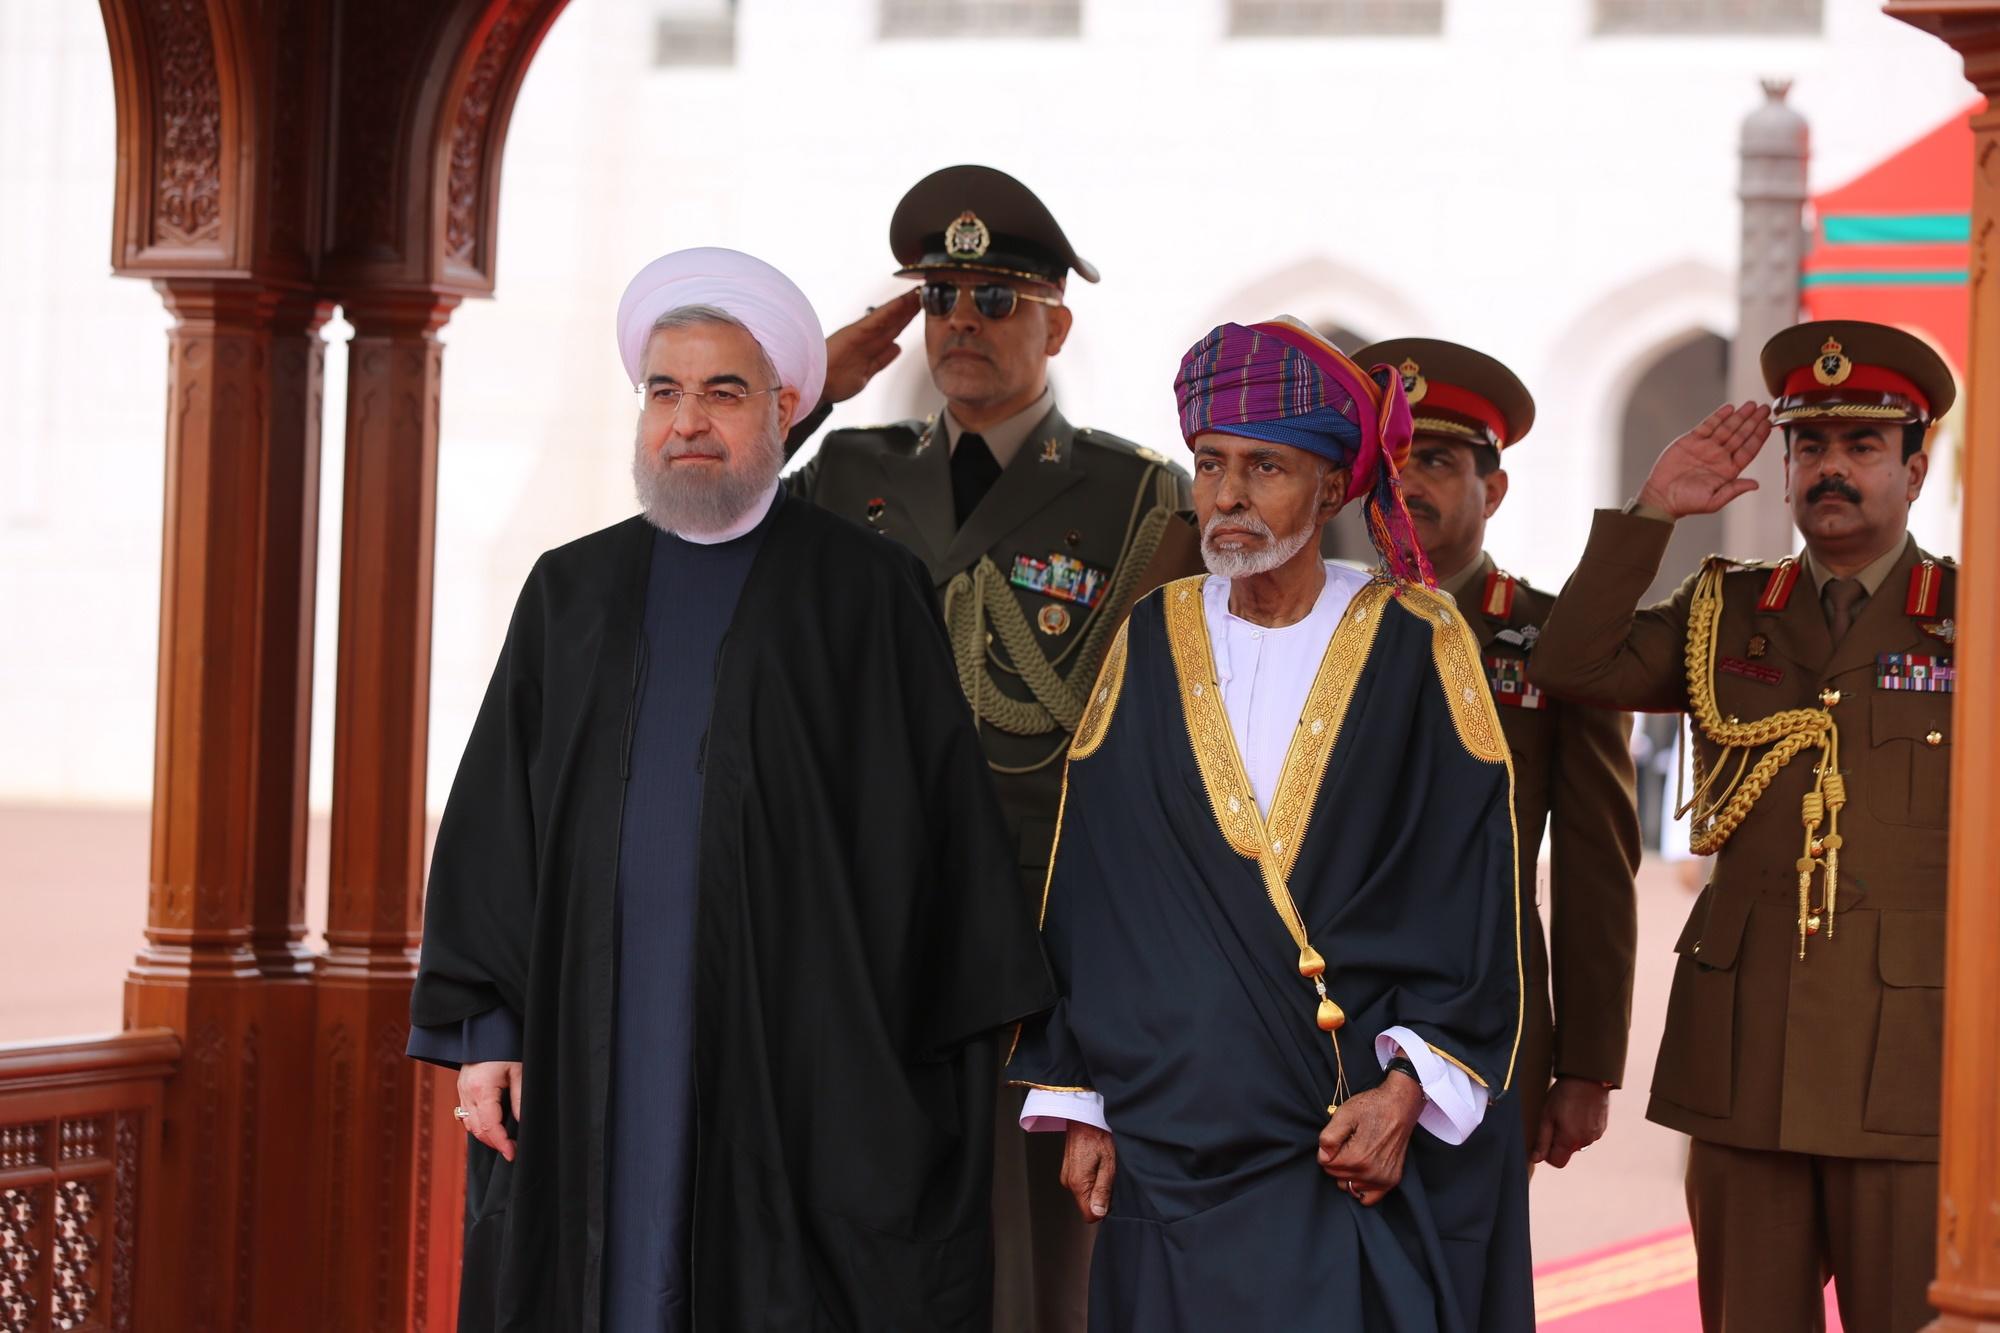 استقبال رسمی سلطان قابوس از روحانی در قصرالعلم مسقط